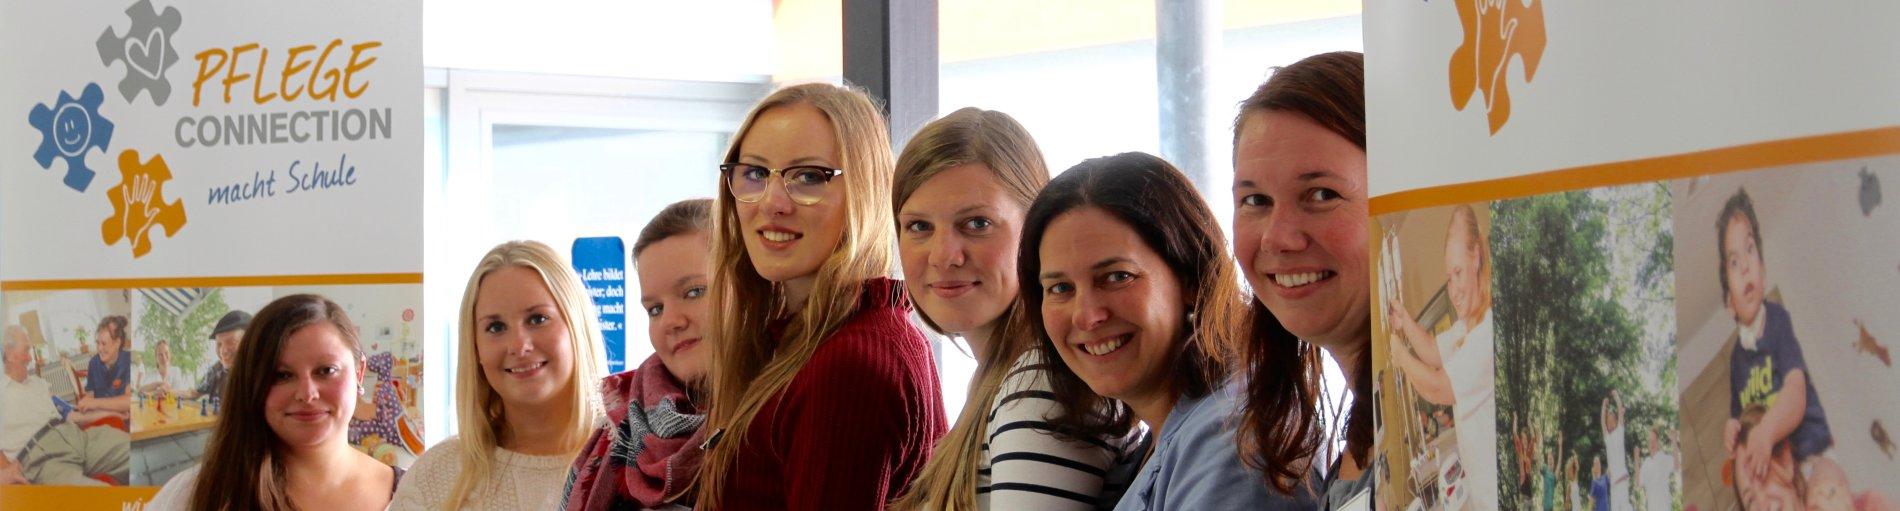 Ausbildung in der Pflege: Sieben junge Frauen blicken lächelnd in die Kamera.